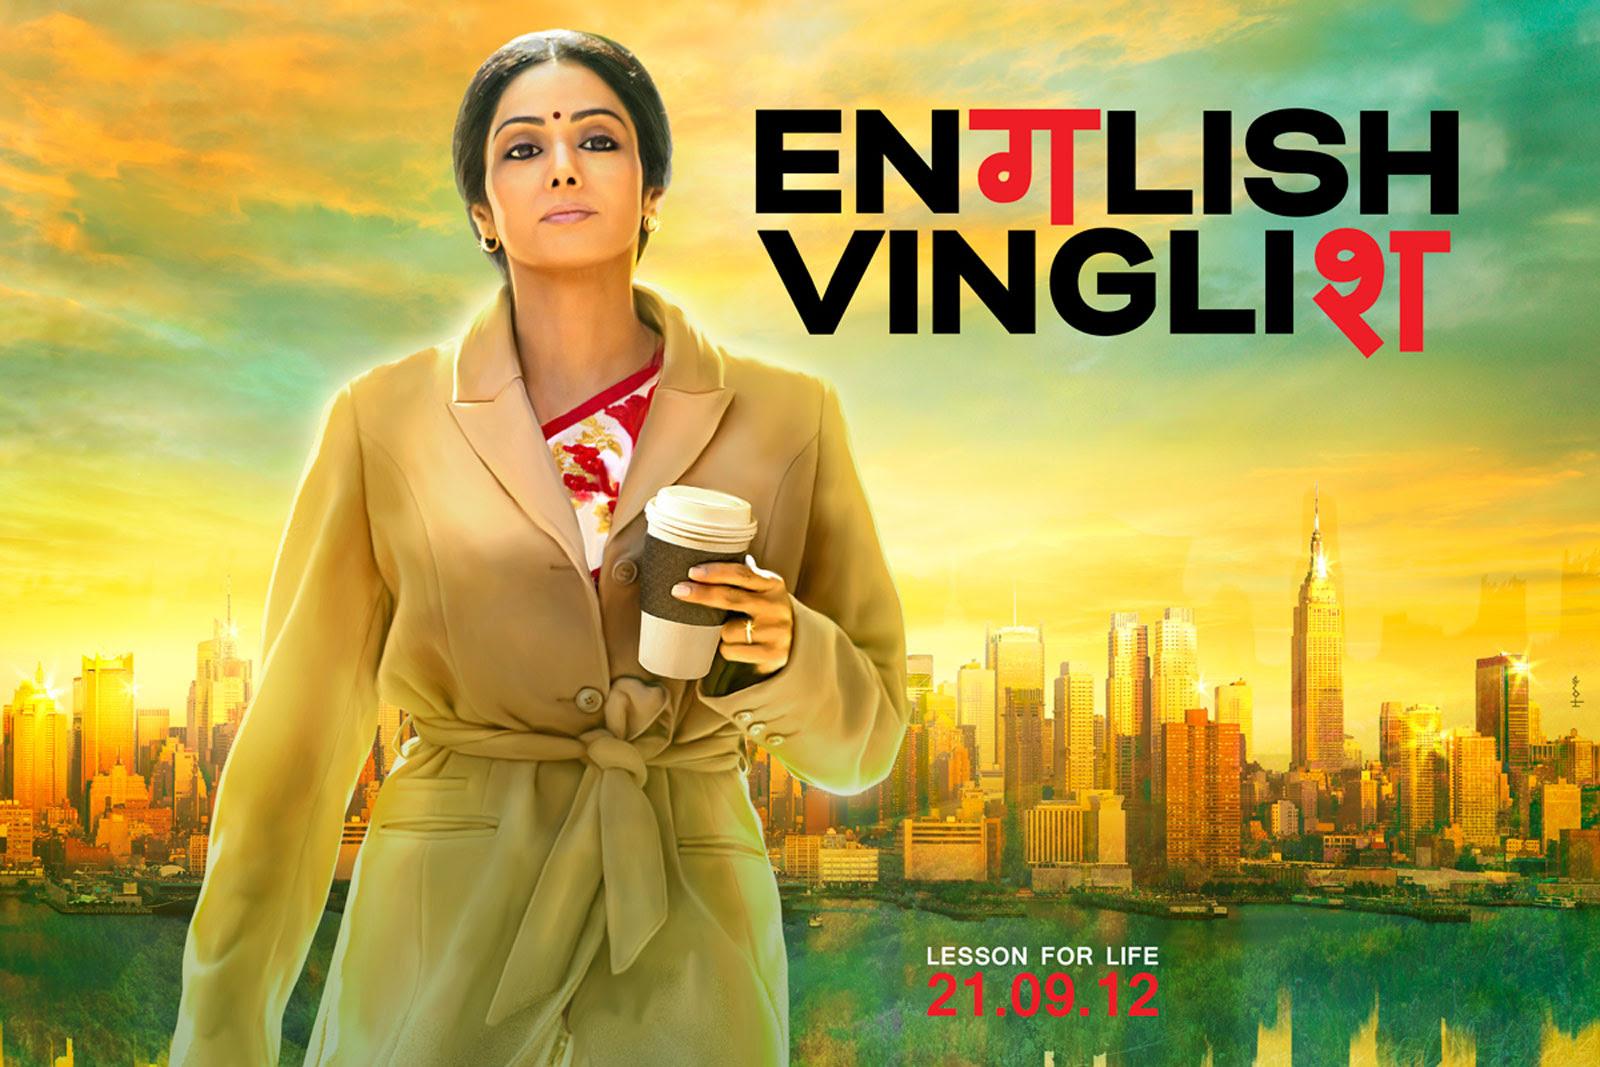 Bollywood images English Vinglish Wallpaper HD wallpaper